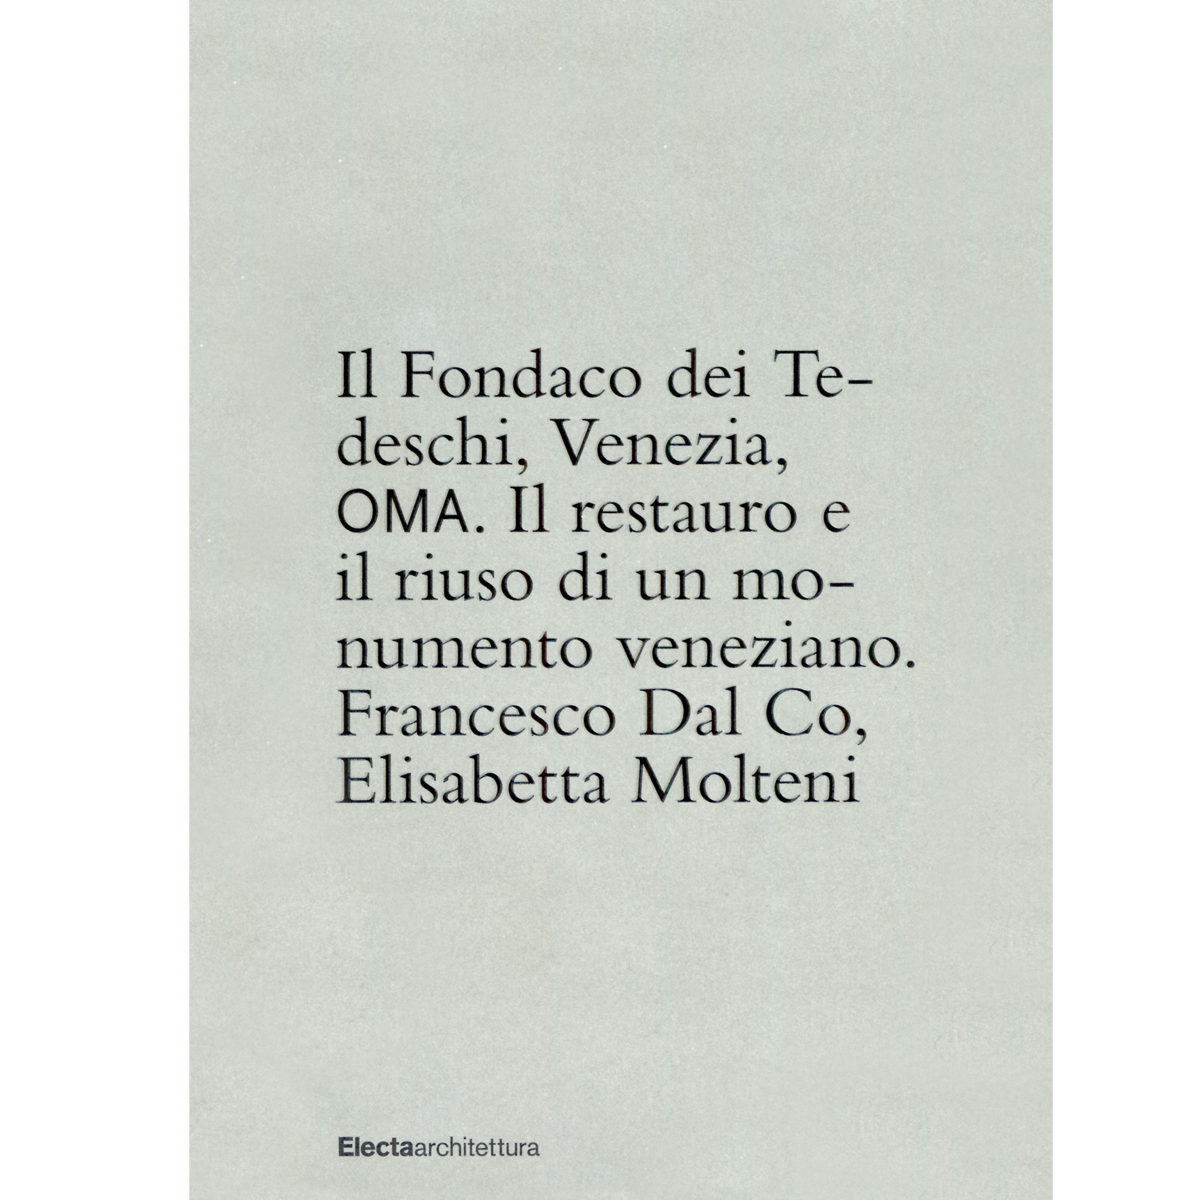 Il Fondaco dei Tedeschi, Venezia, OMA